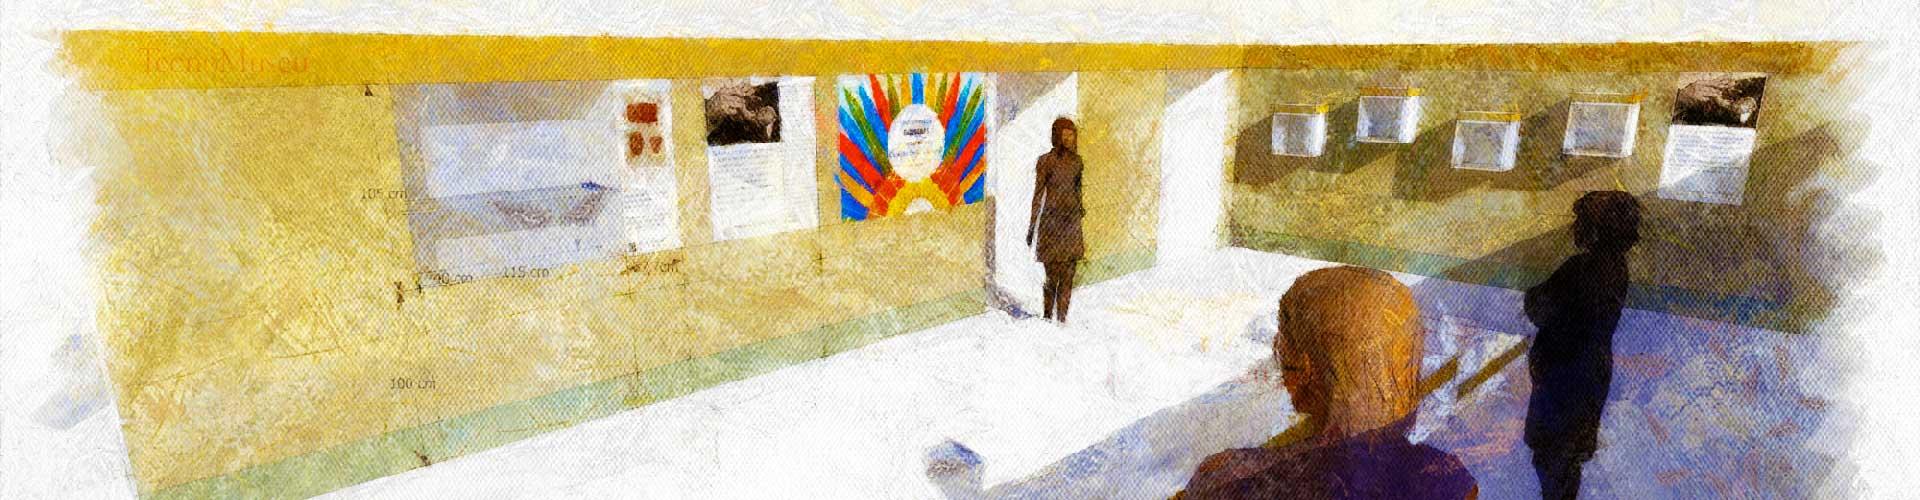 Projeto museográfico